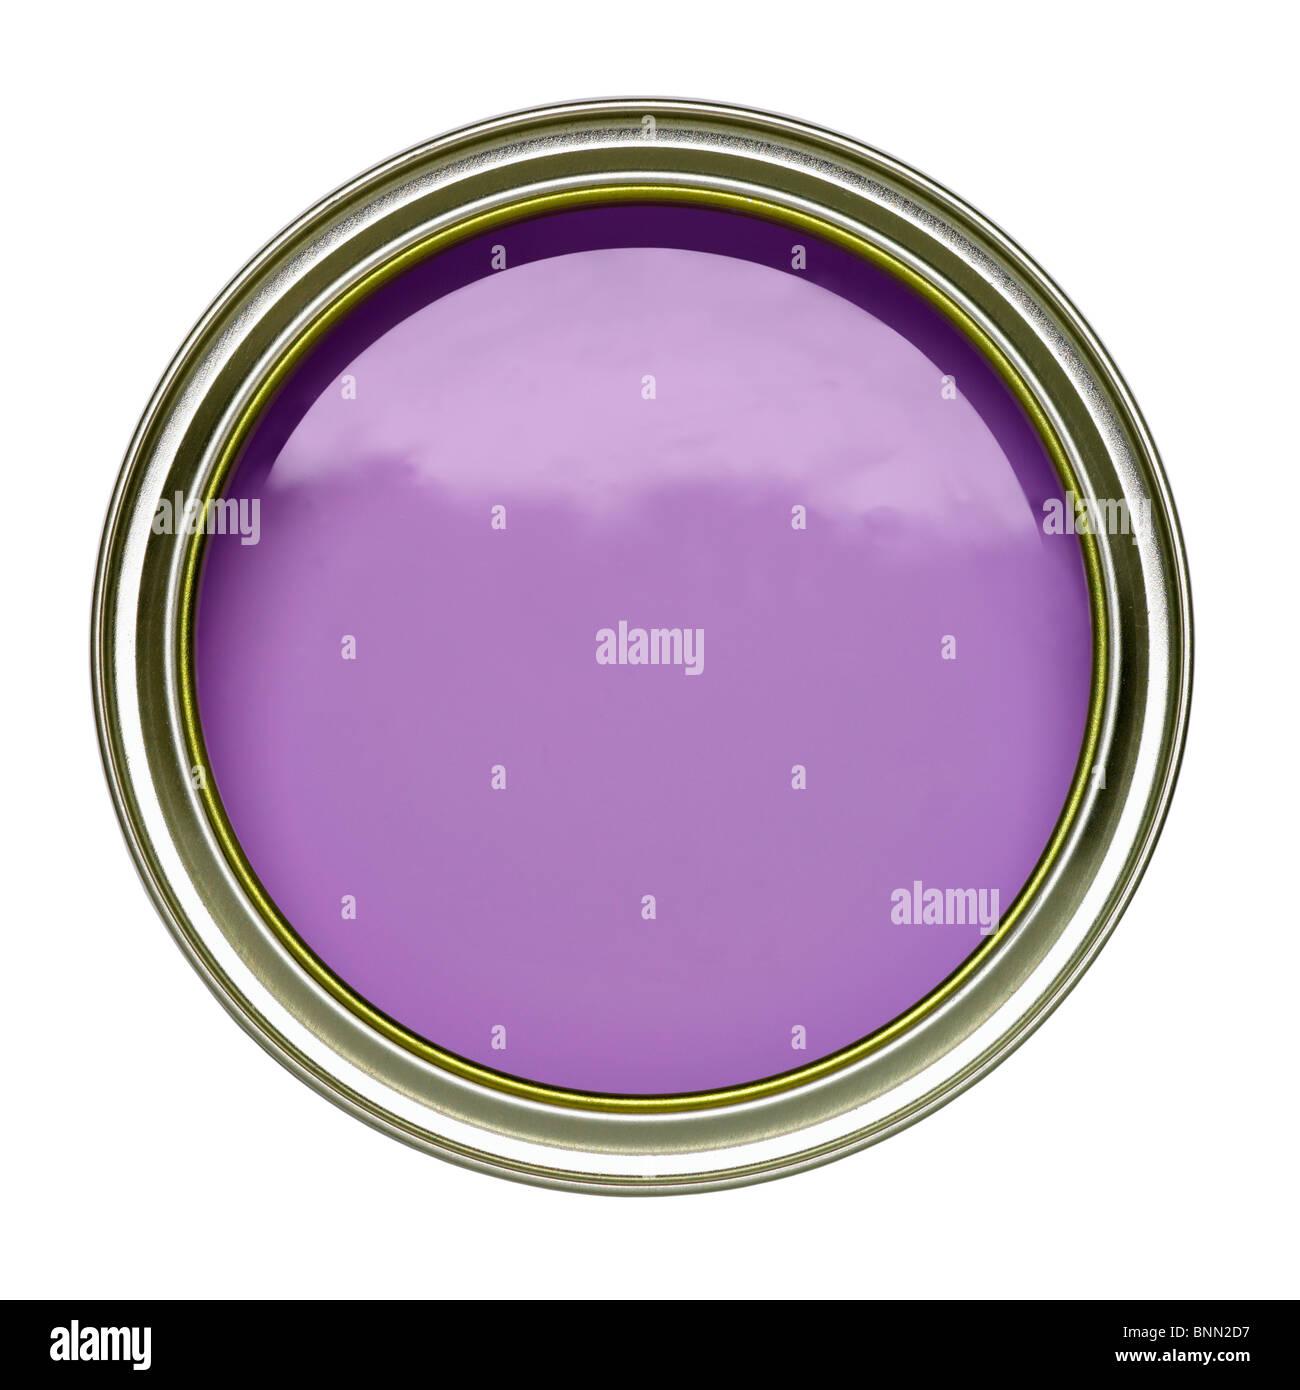 Viola lilla latta di vernice può aprire Immagini Stock